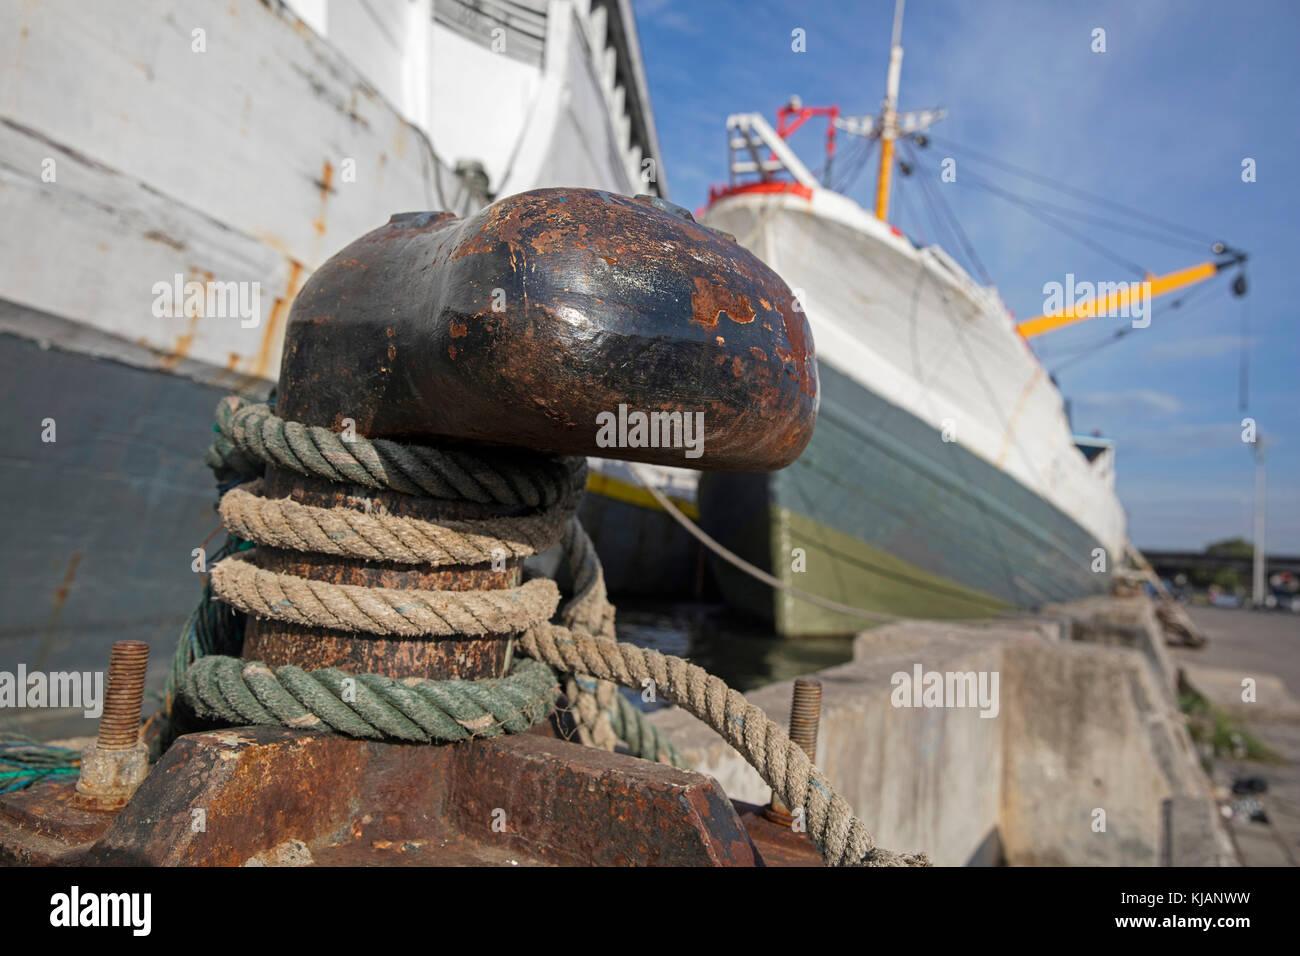 Amarre la cuerda de madera tradicional pinisi / phinisi indonesio, buques de carga atada alrededor de shoreside Imagen De Stock